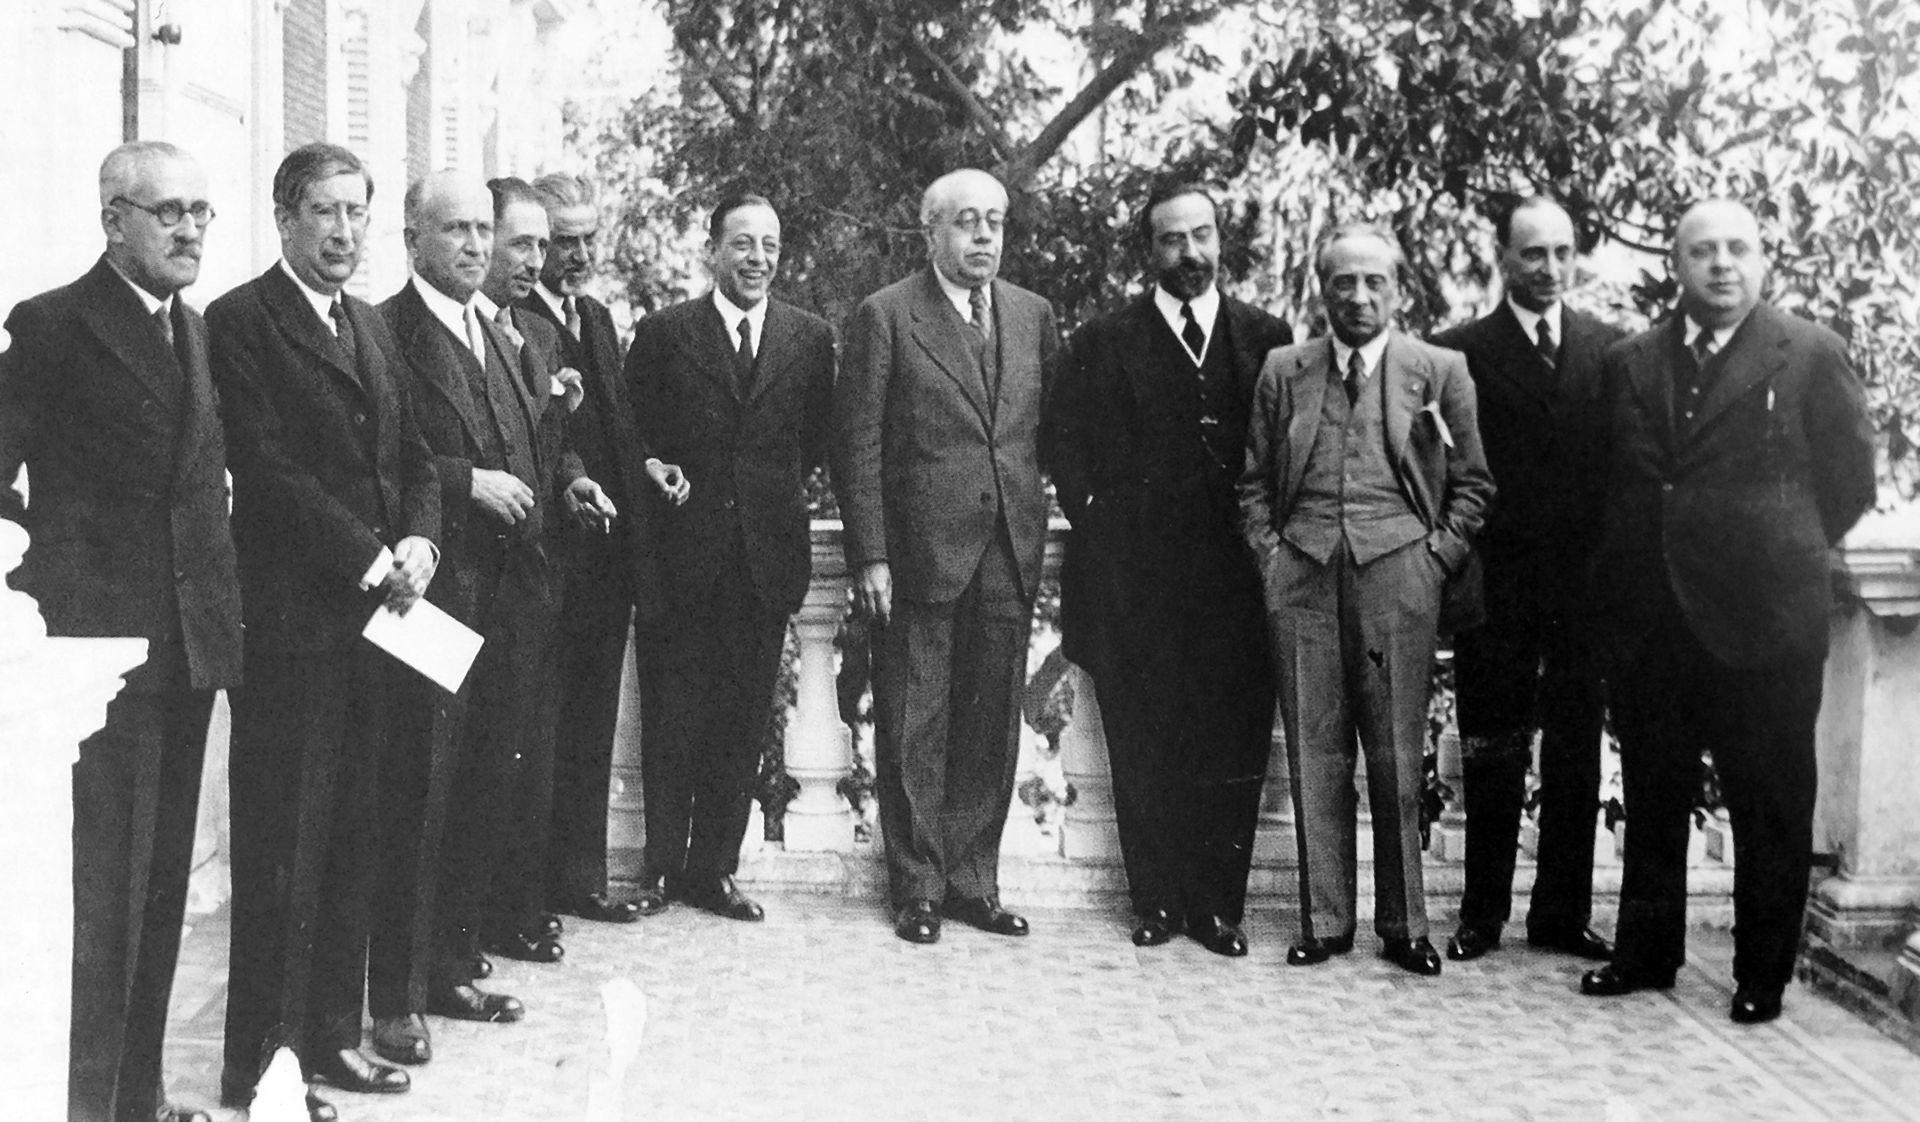 Gobierno del 1936 (de izquierda a derecha): Franchy Roca, Marcelino Domingo, Largo Caballero, Lluís Companys, Barnés, Viñuales, Azaña, De los Ríos, Álvaro de Albornoz, Casares Quiroga e Indalecio Prieto